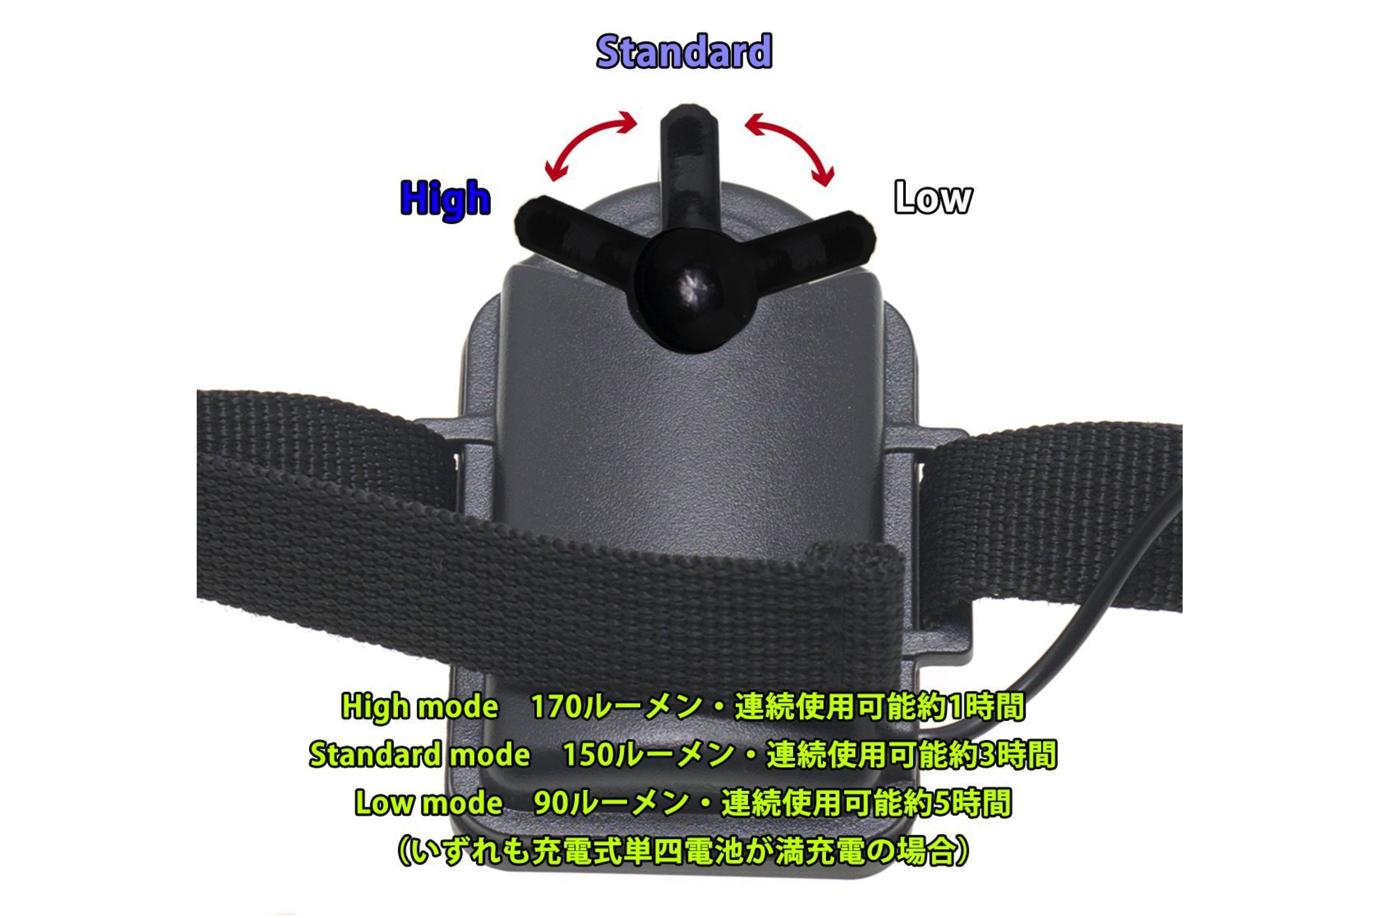 ReUdo ランニングライト 軽量ウエストベルトタイプ-1